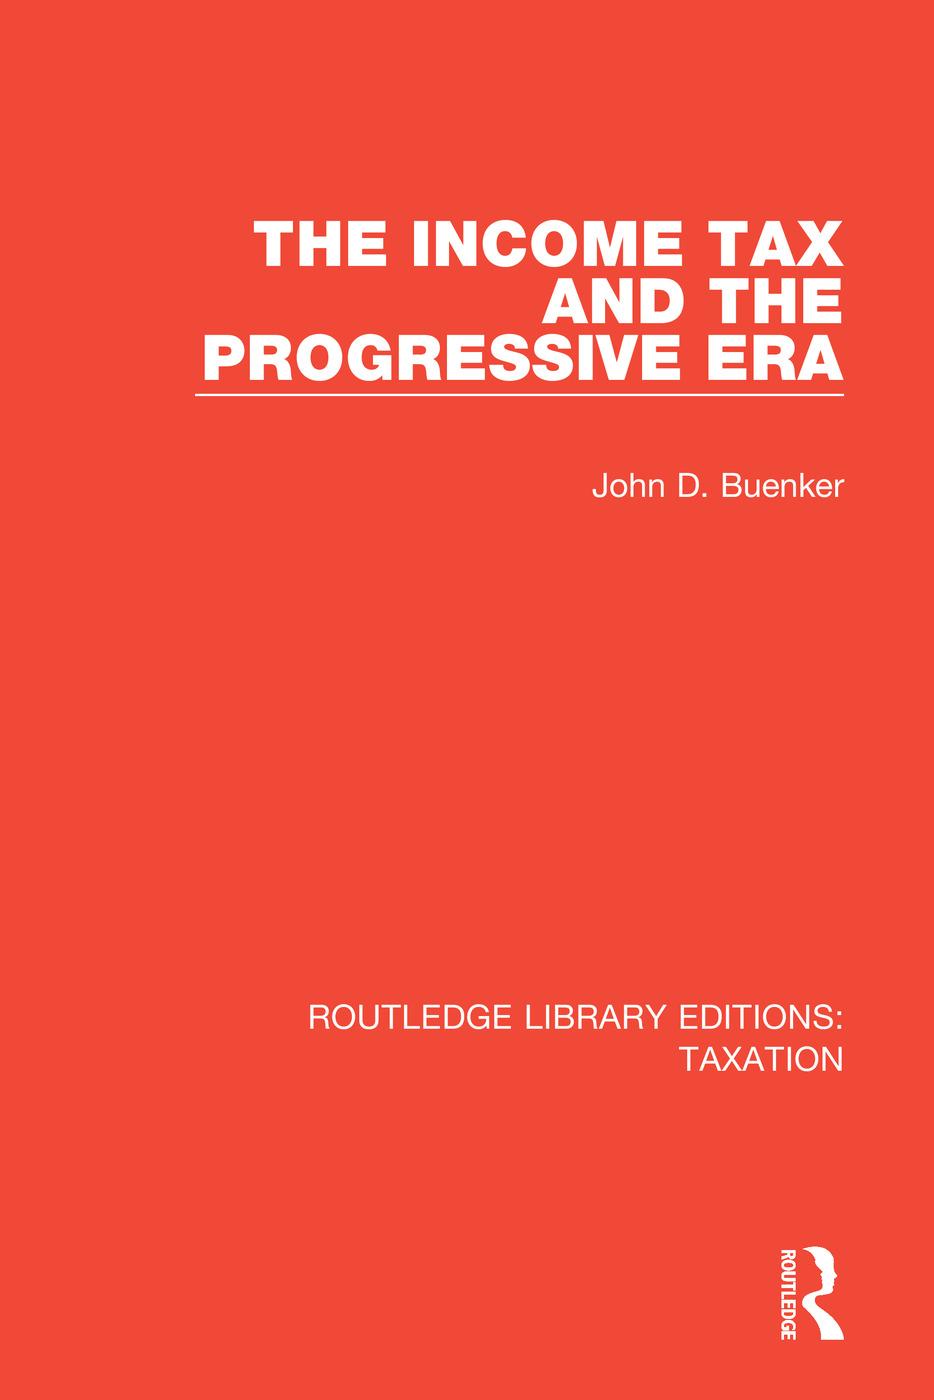 The Income Tax and the Progressive Era: 1st Edition (Paperback) book cover